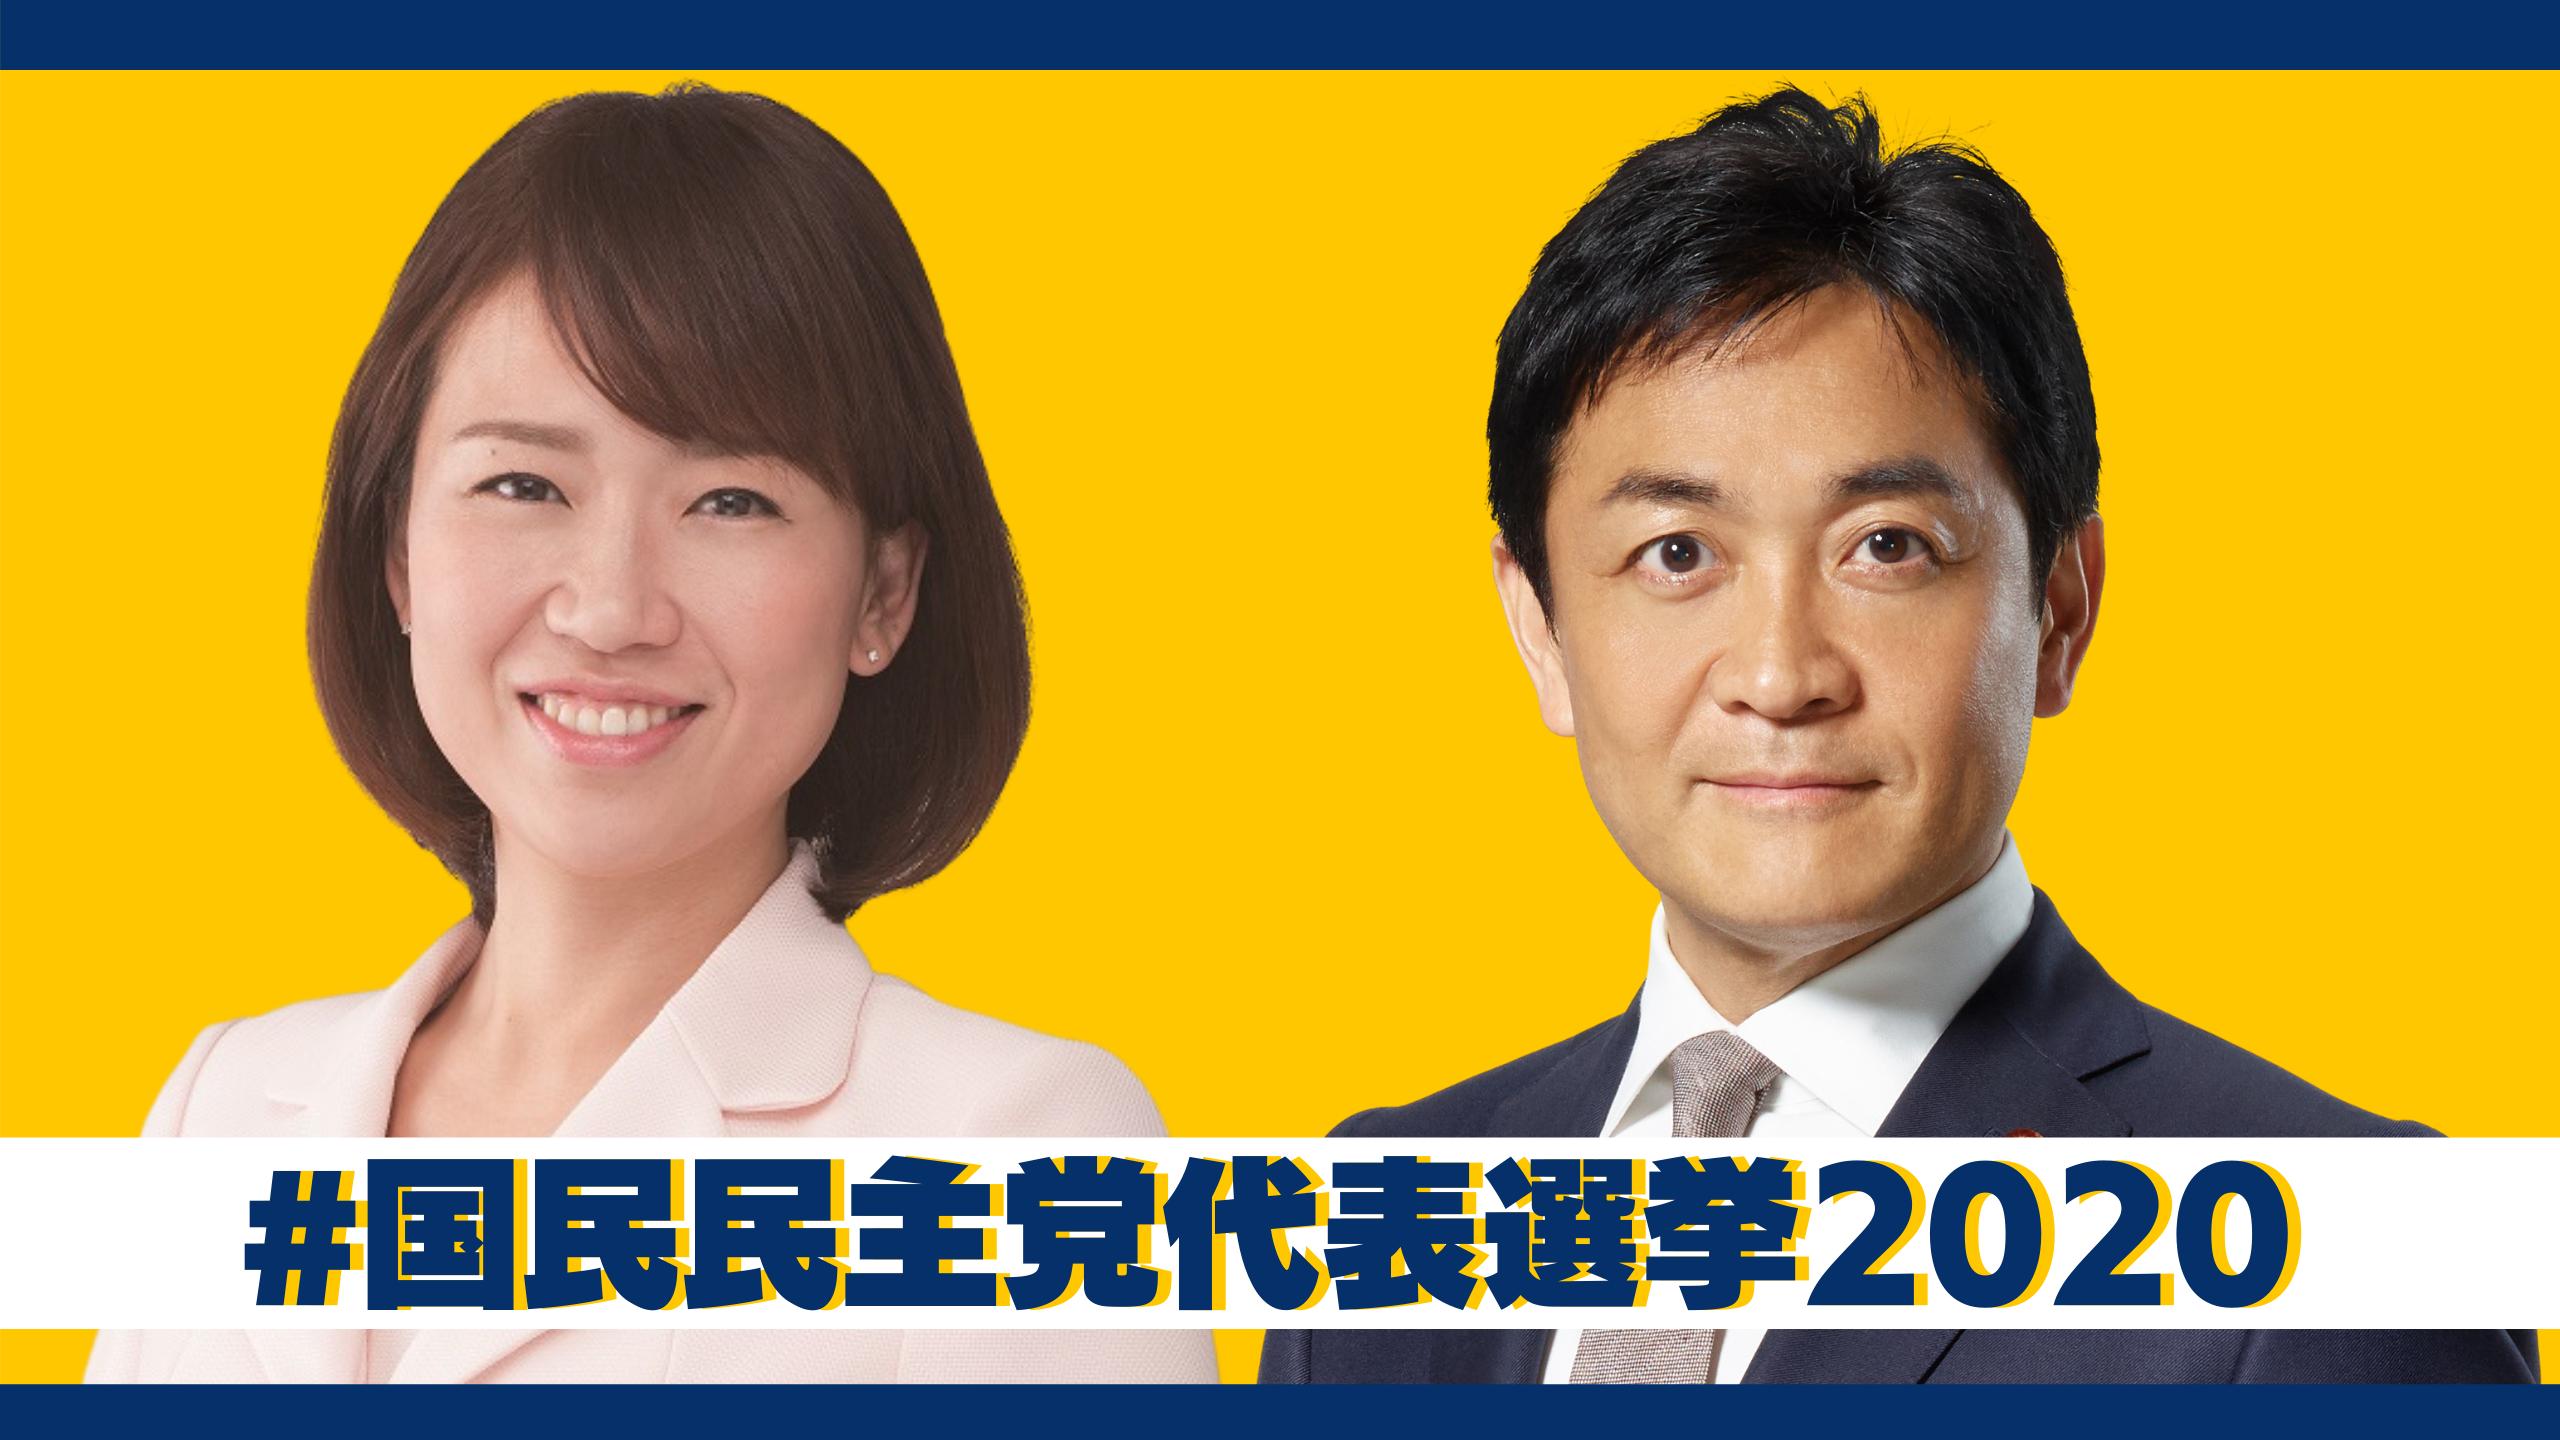 代表選挙立候補届出結果に関する公告